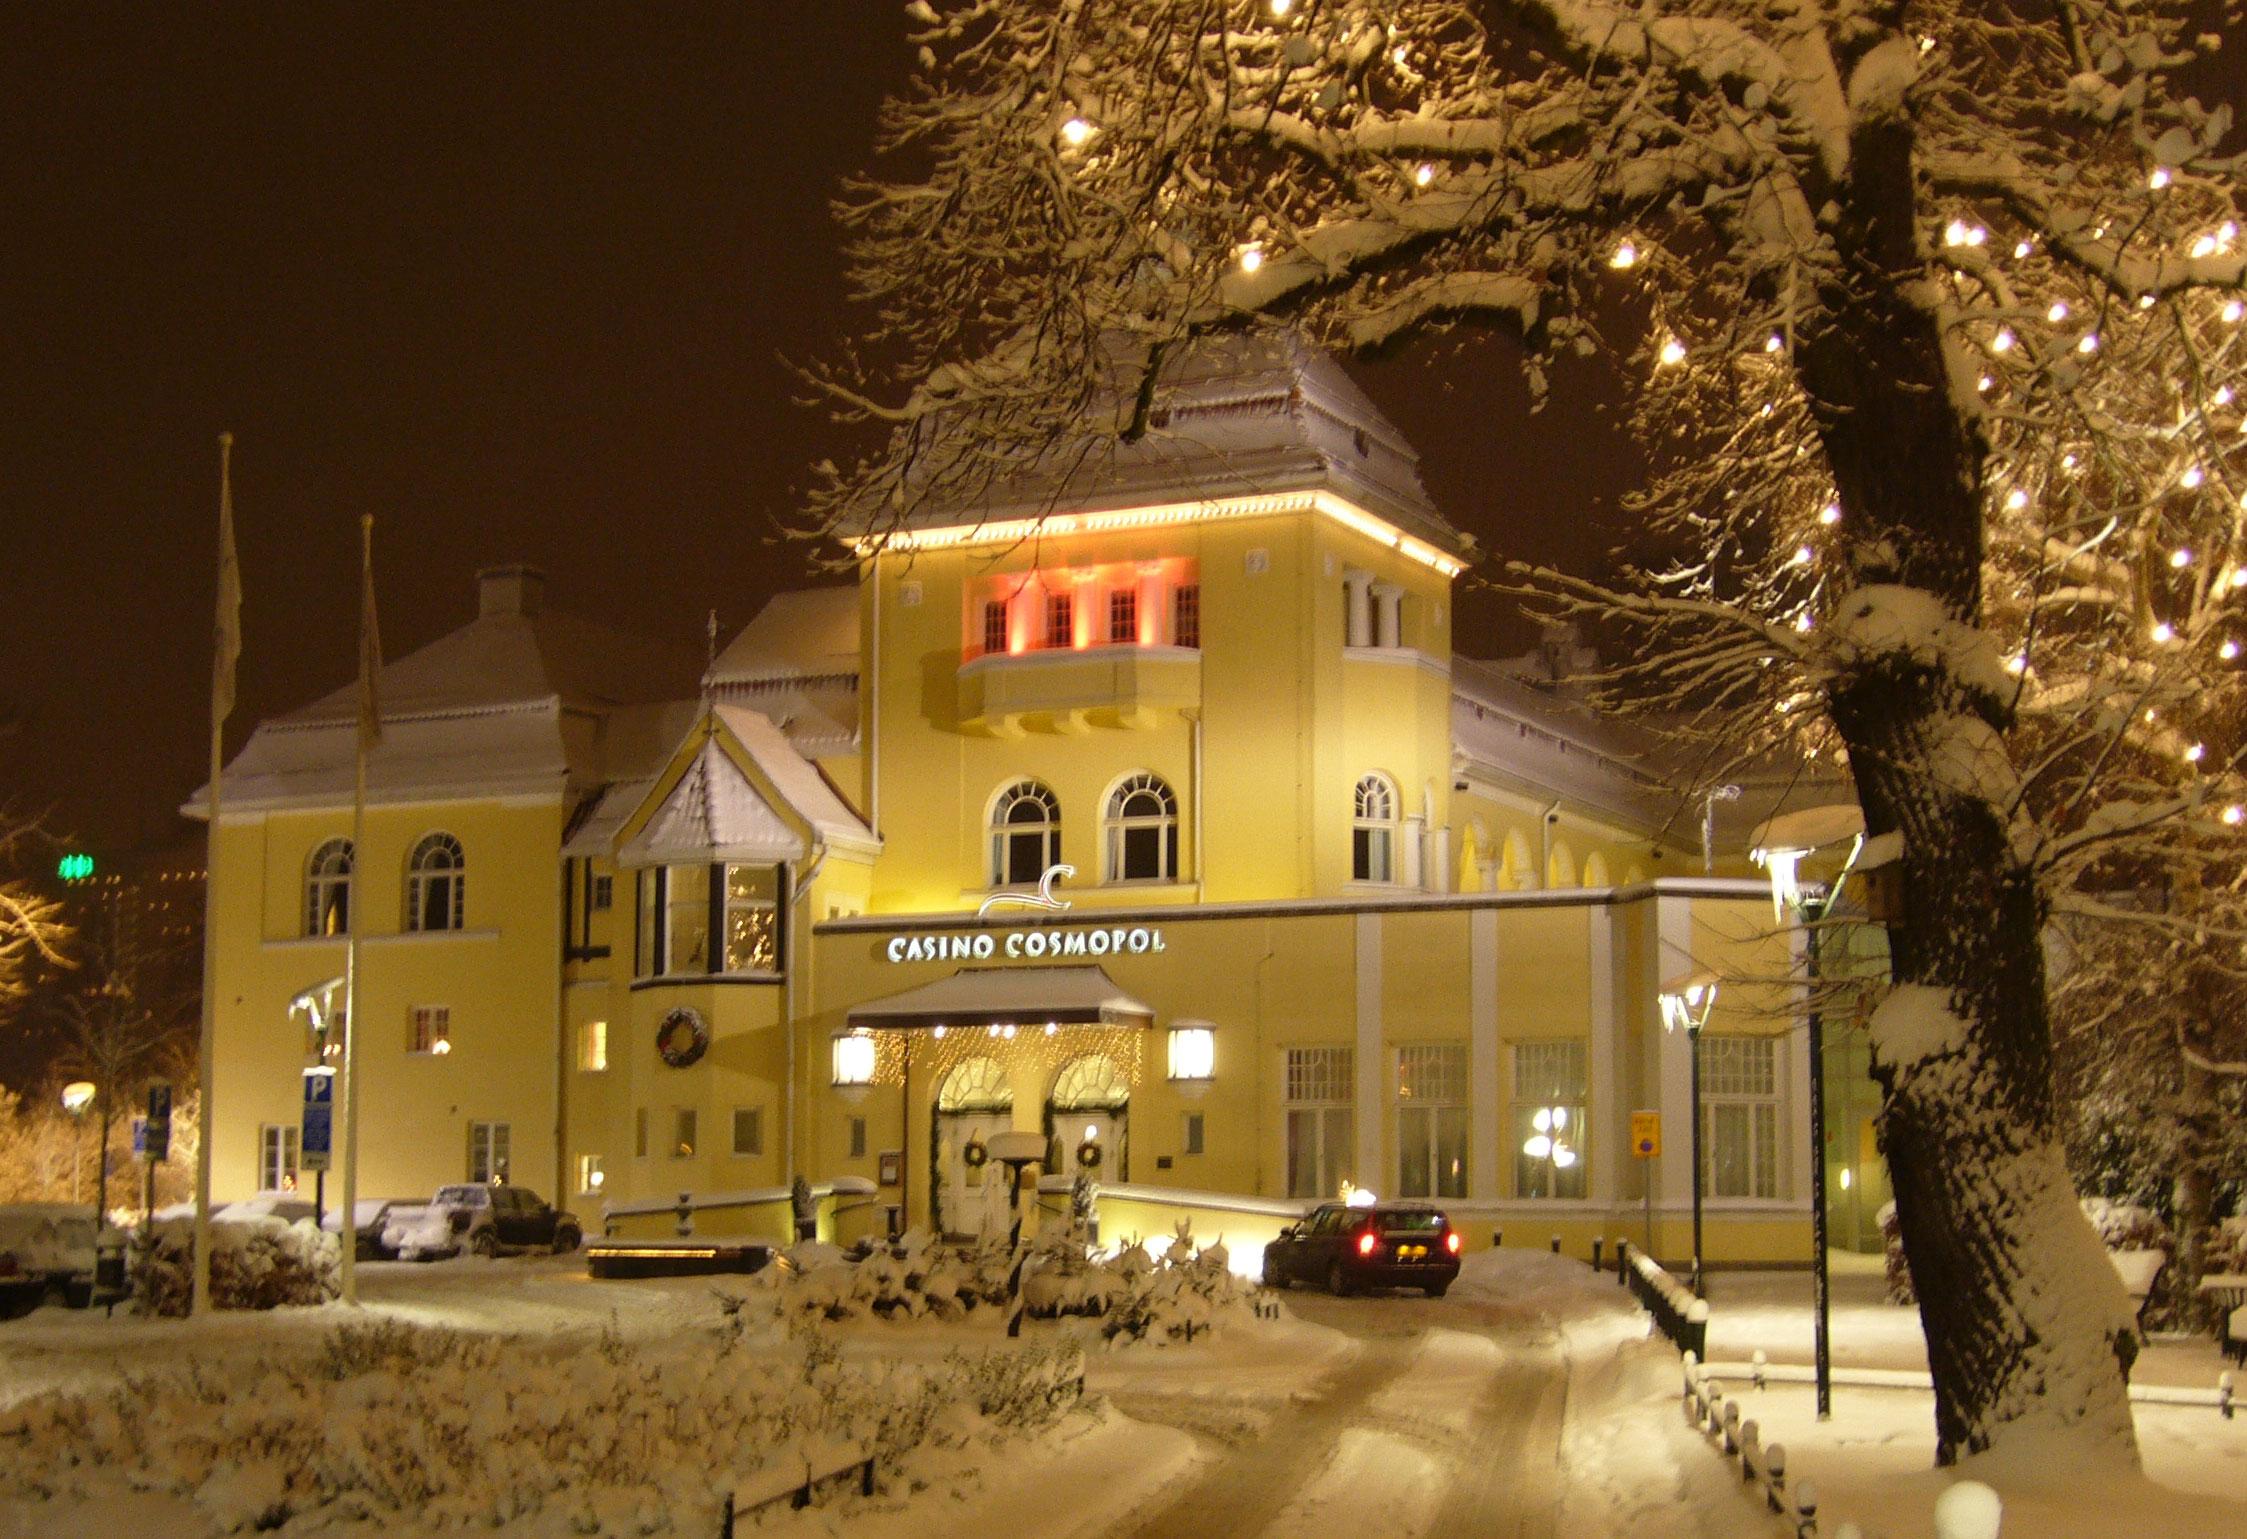 Casino cosmopol sundsvall 7